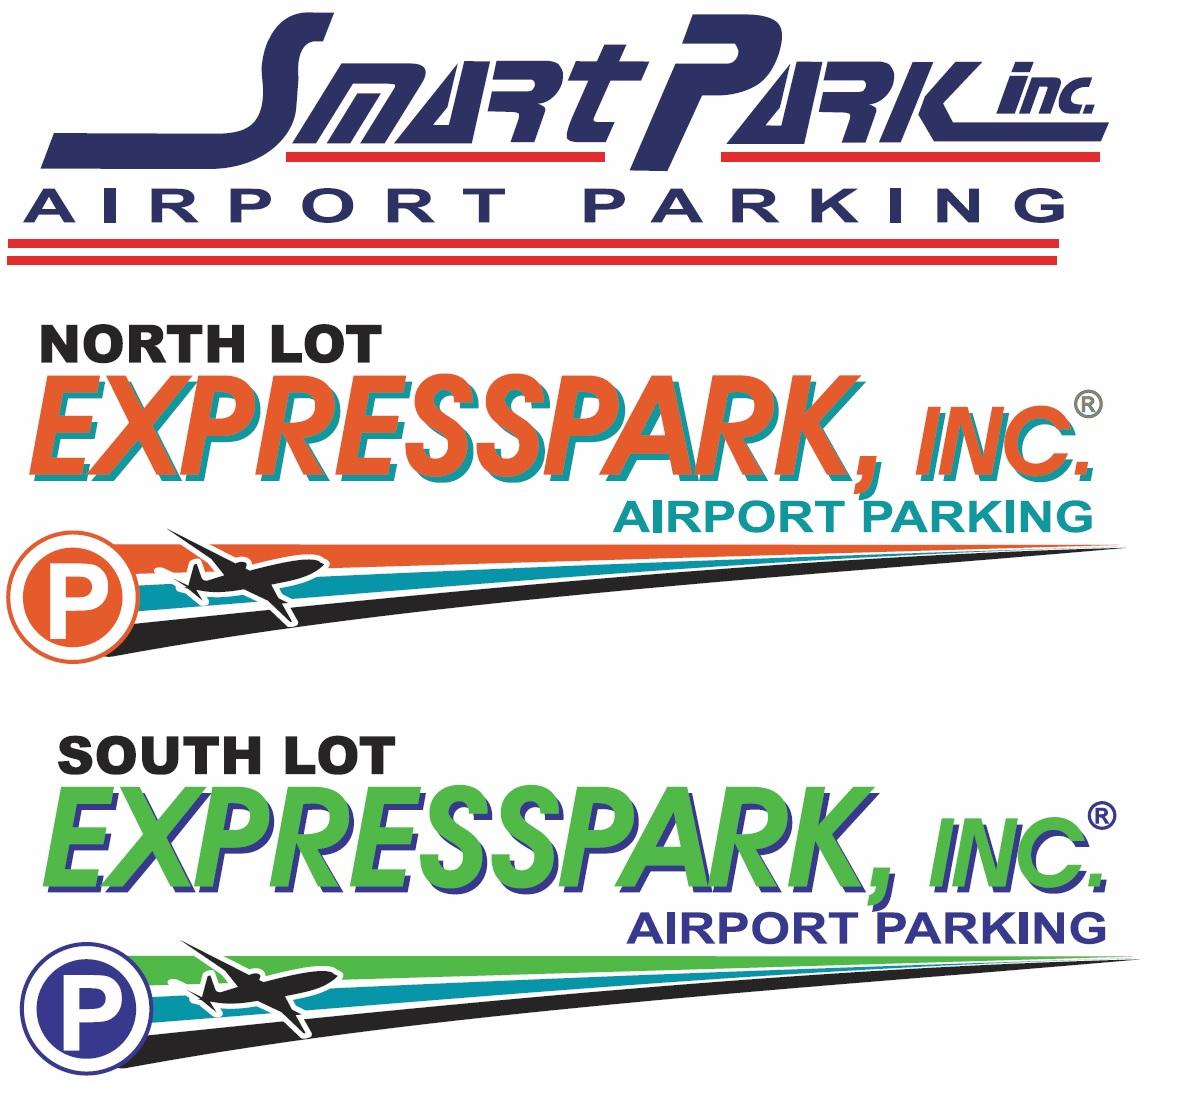 Smart Park, Inc. & Expresspark, Inc. logo